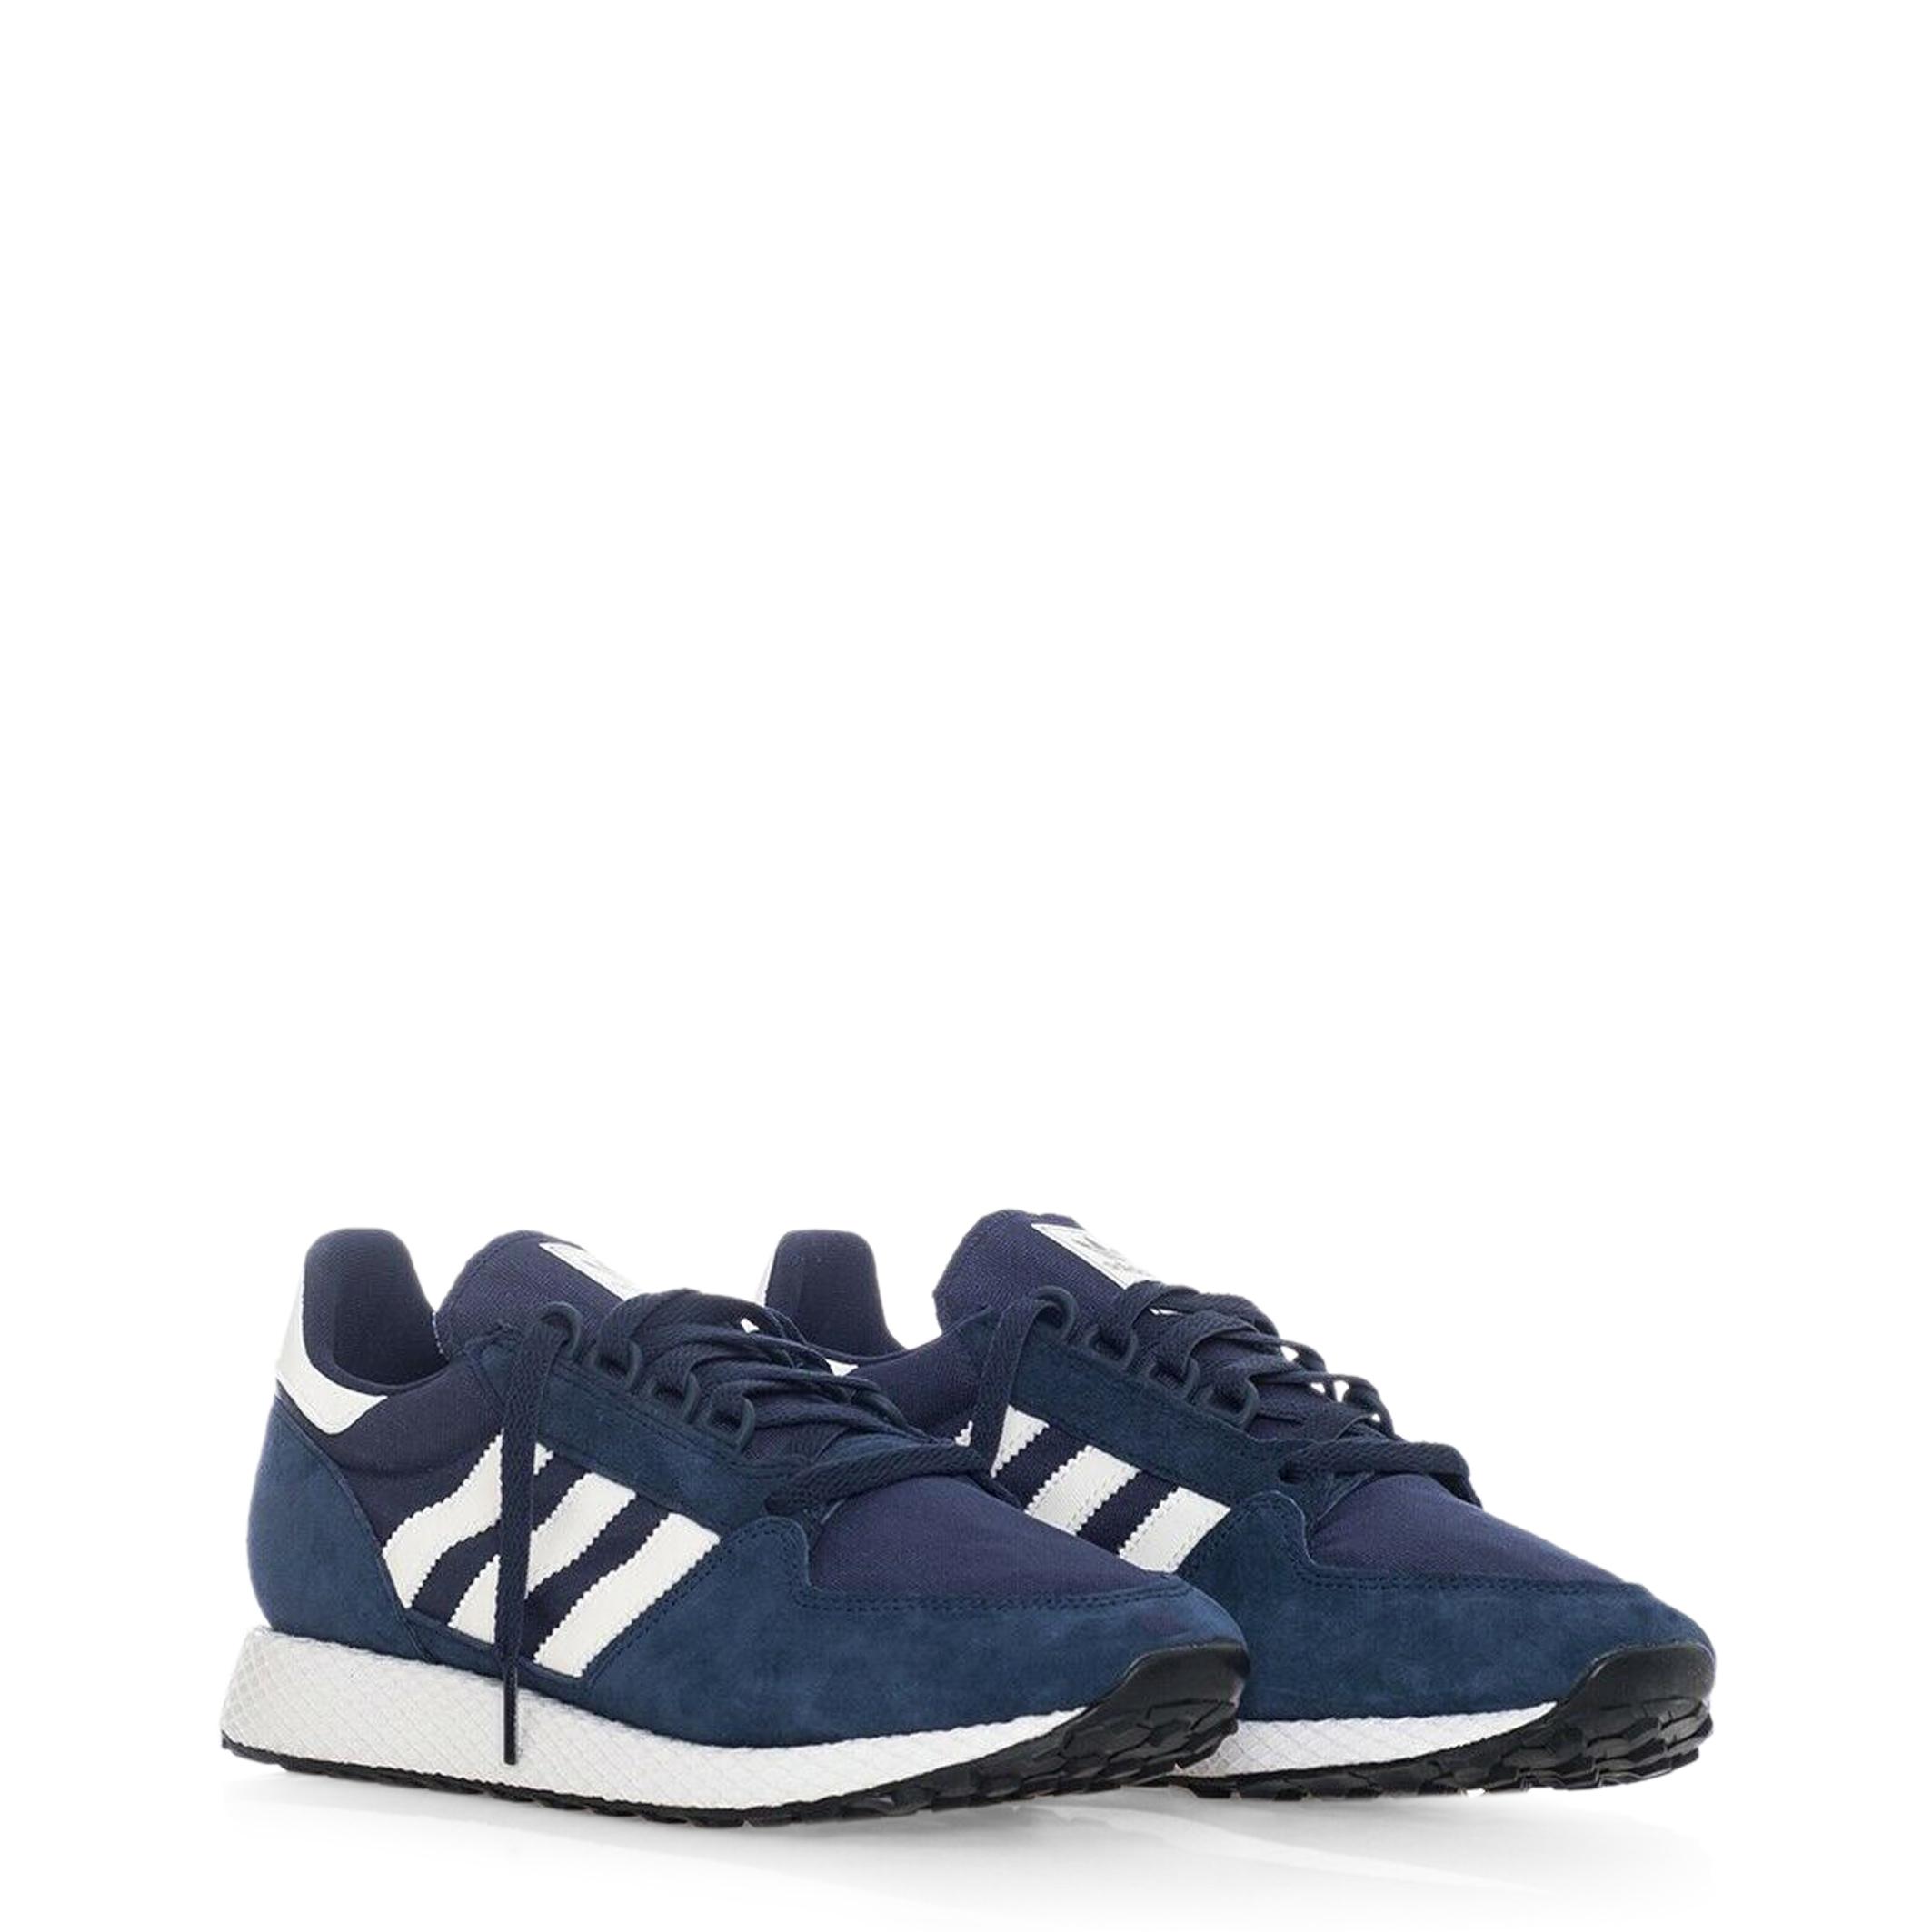 Sneakers-Adidas-ForestGrove-Uomo-Blu-104266 miniatura 2